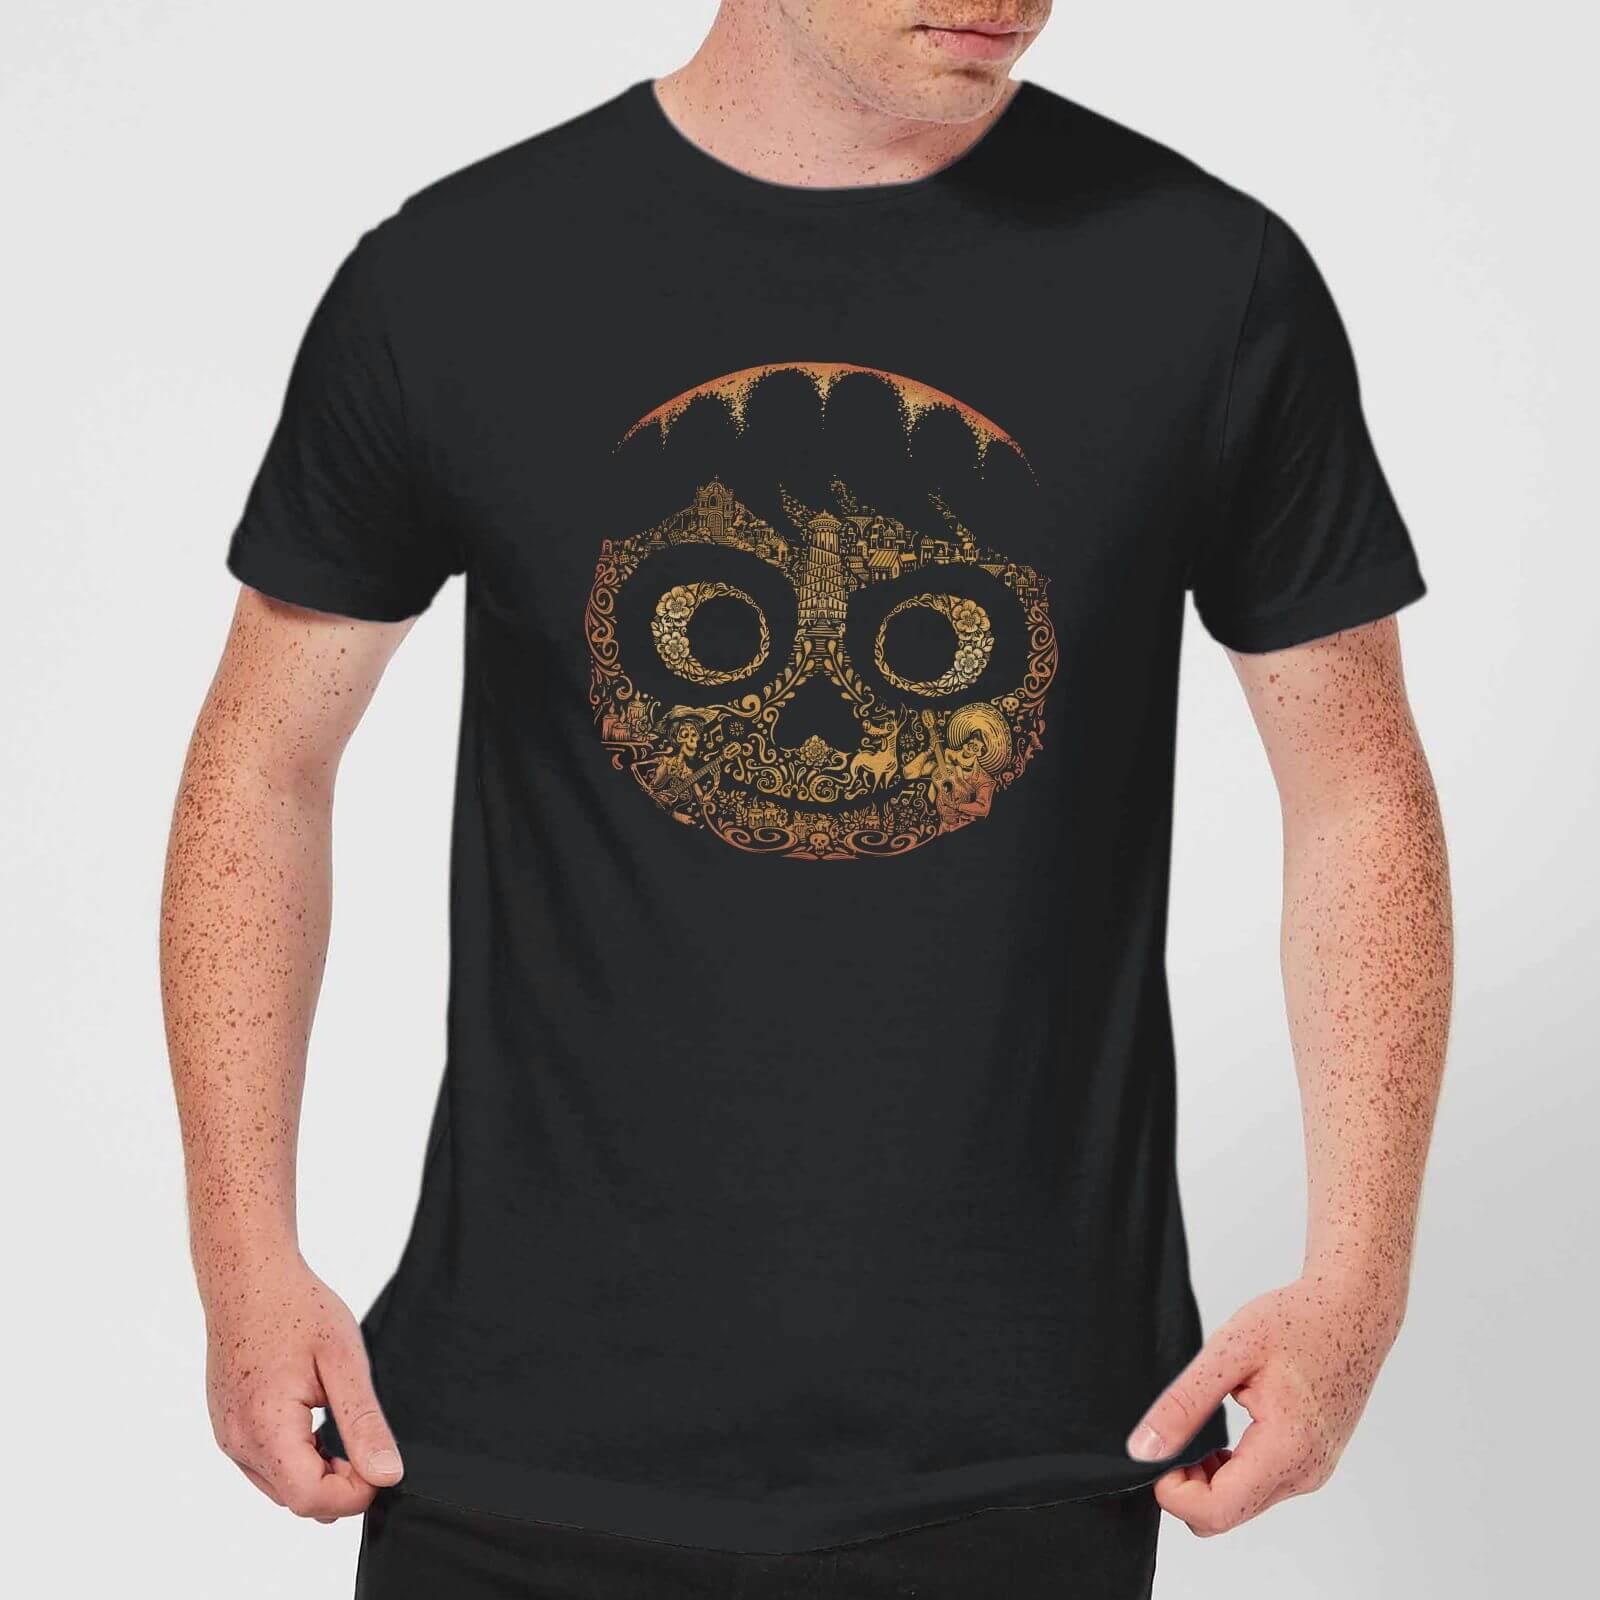 Pixar T-Shirt Homme Visage Miguel Coco - Noir - L - Noir